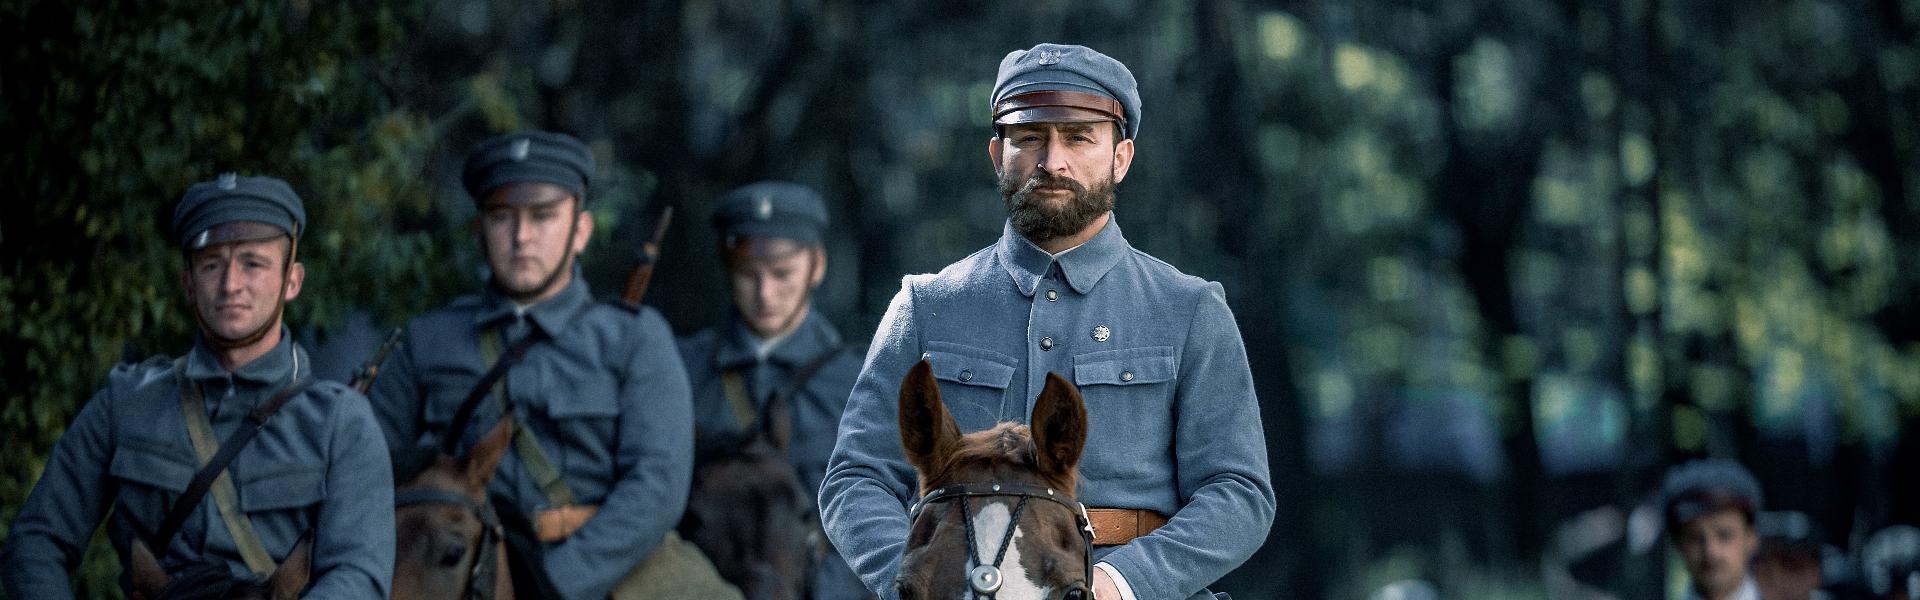 Piłsudski <span>(PL)</span>